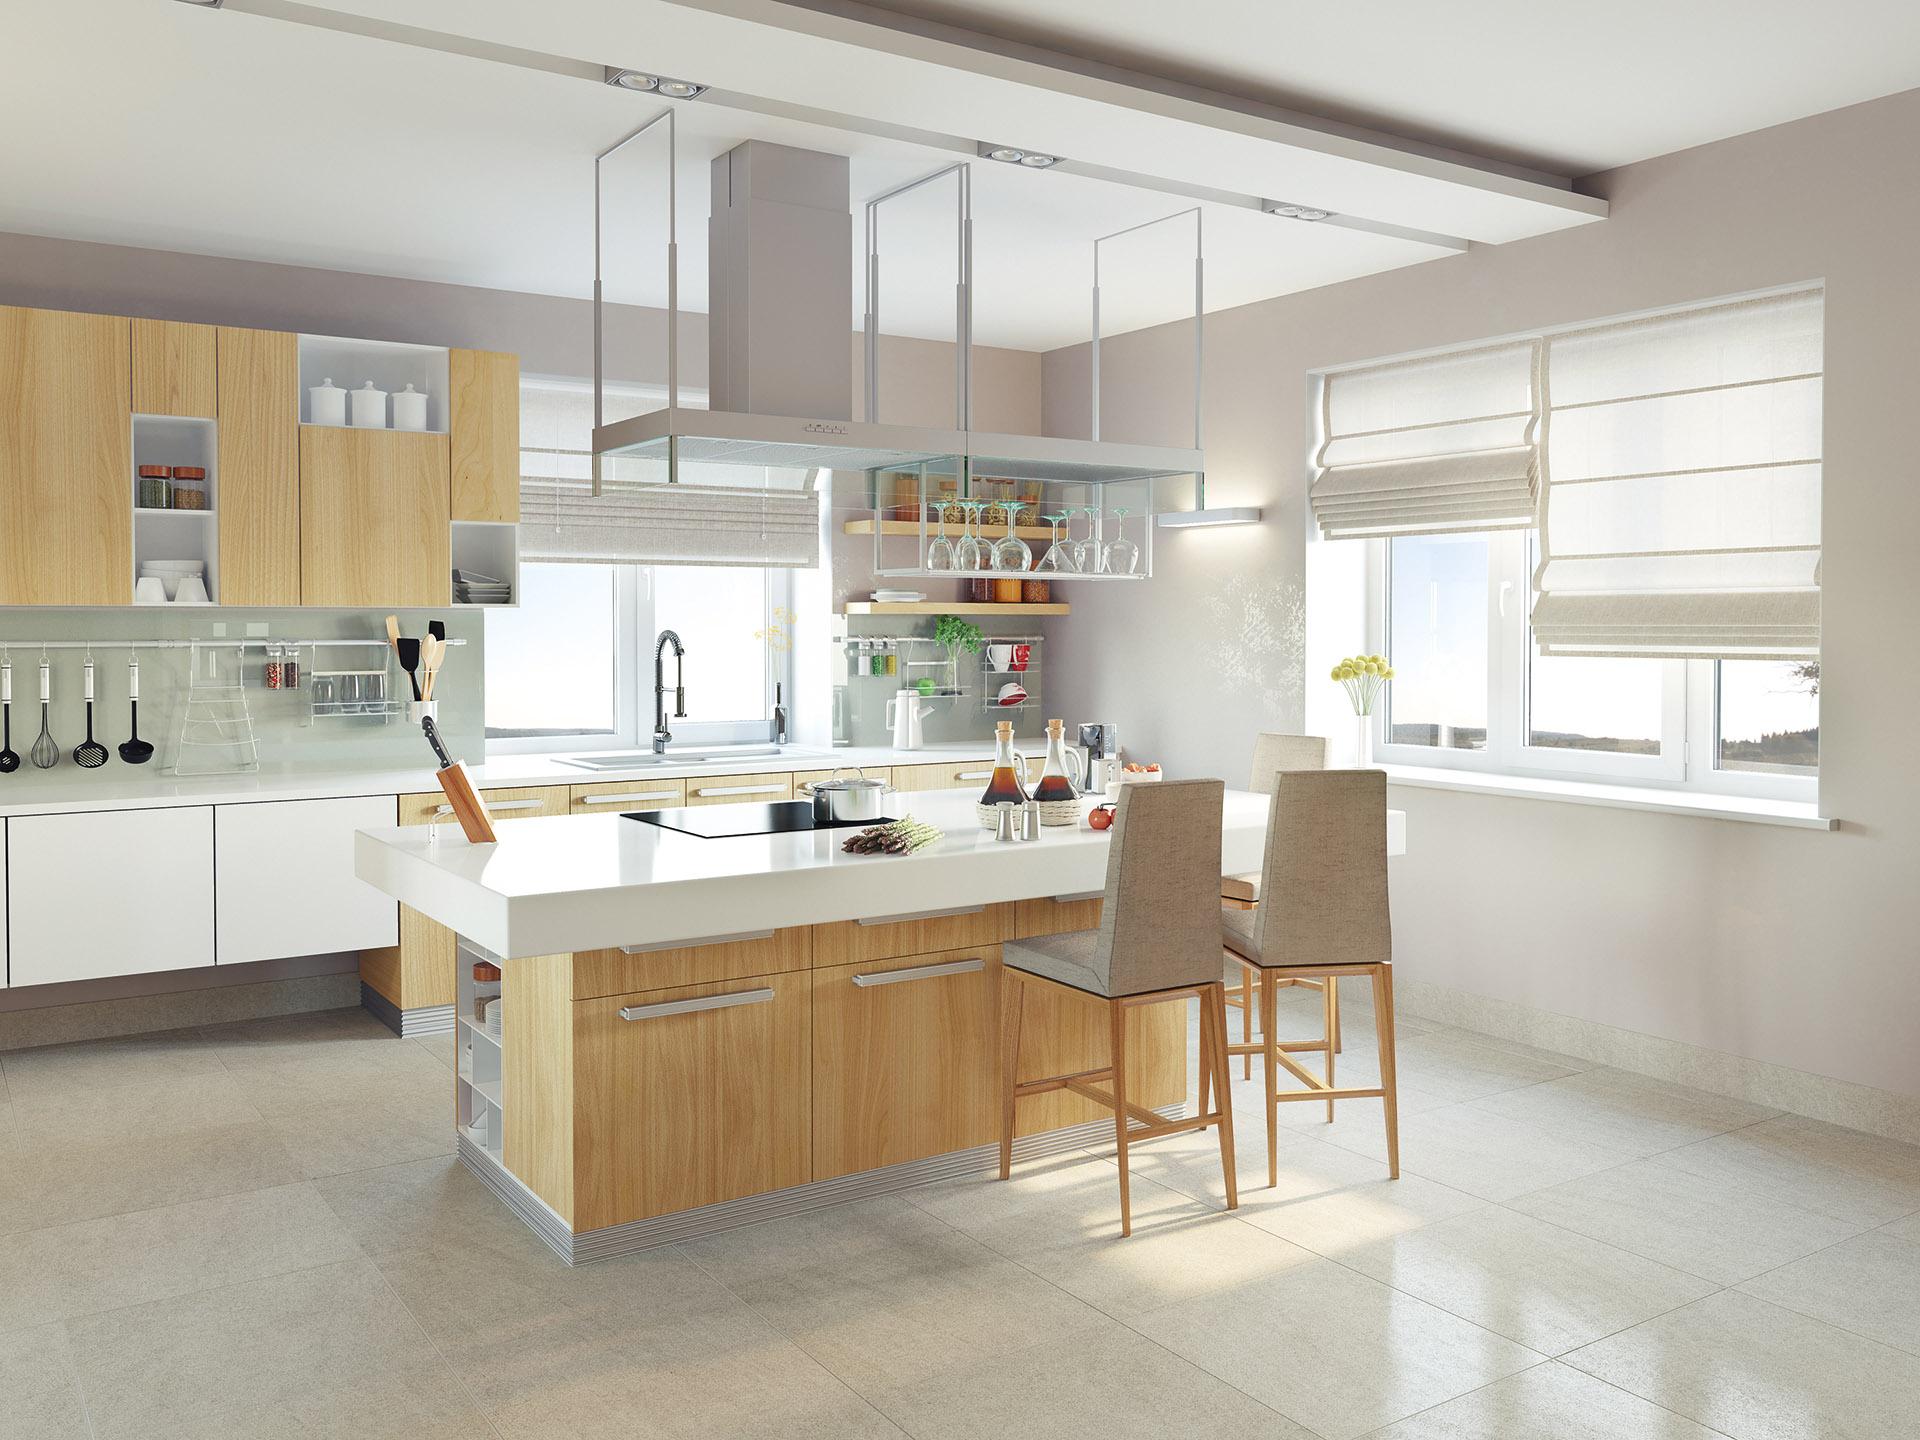 Visualisierung Interieur Moderne Küche